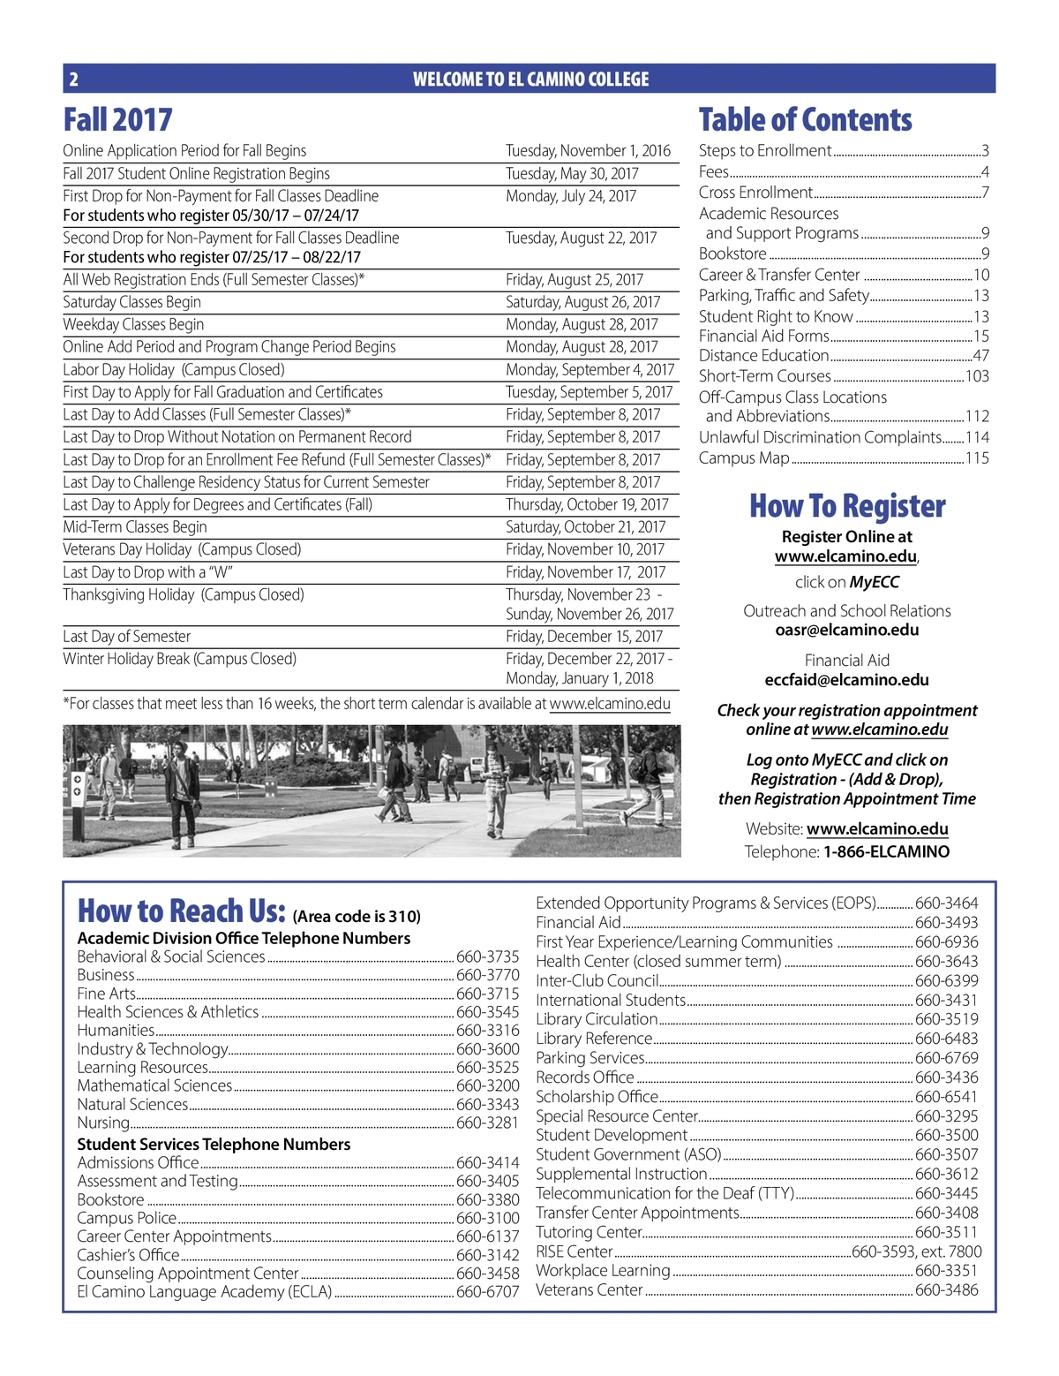 el camino college fall 2017 class schedule